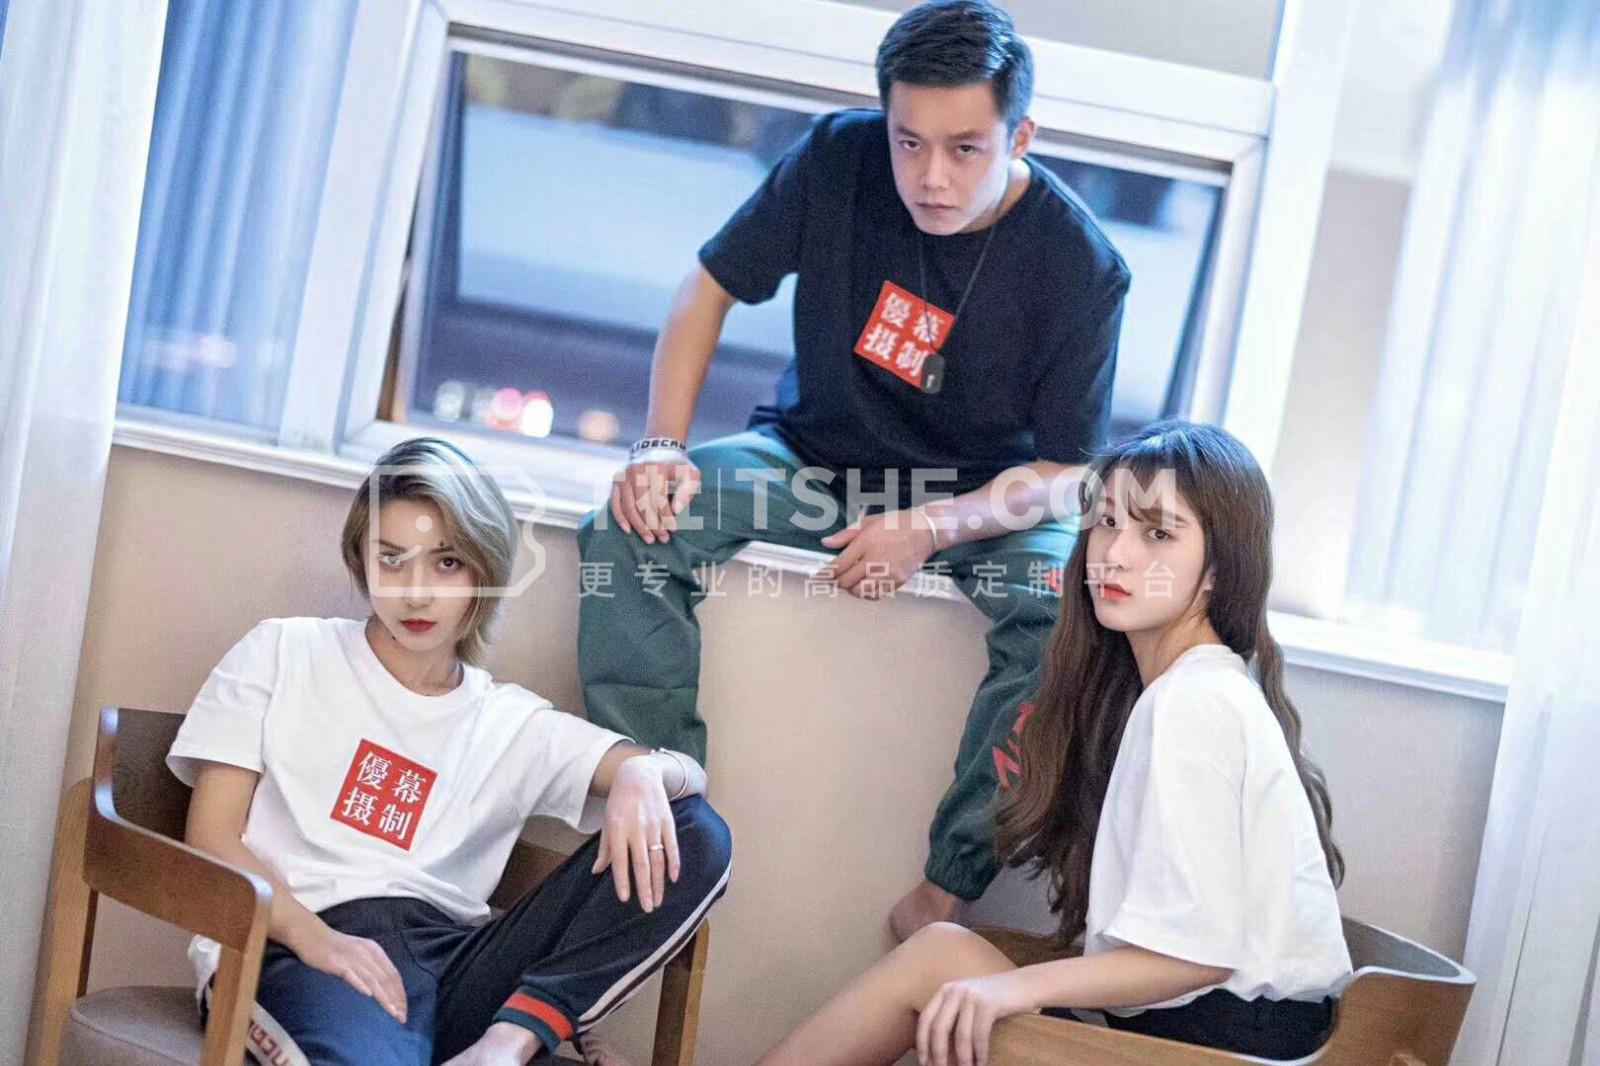 文化衫定制T恤和广告衫定制T恤有什么不一样?